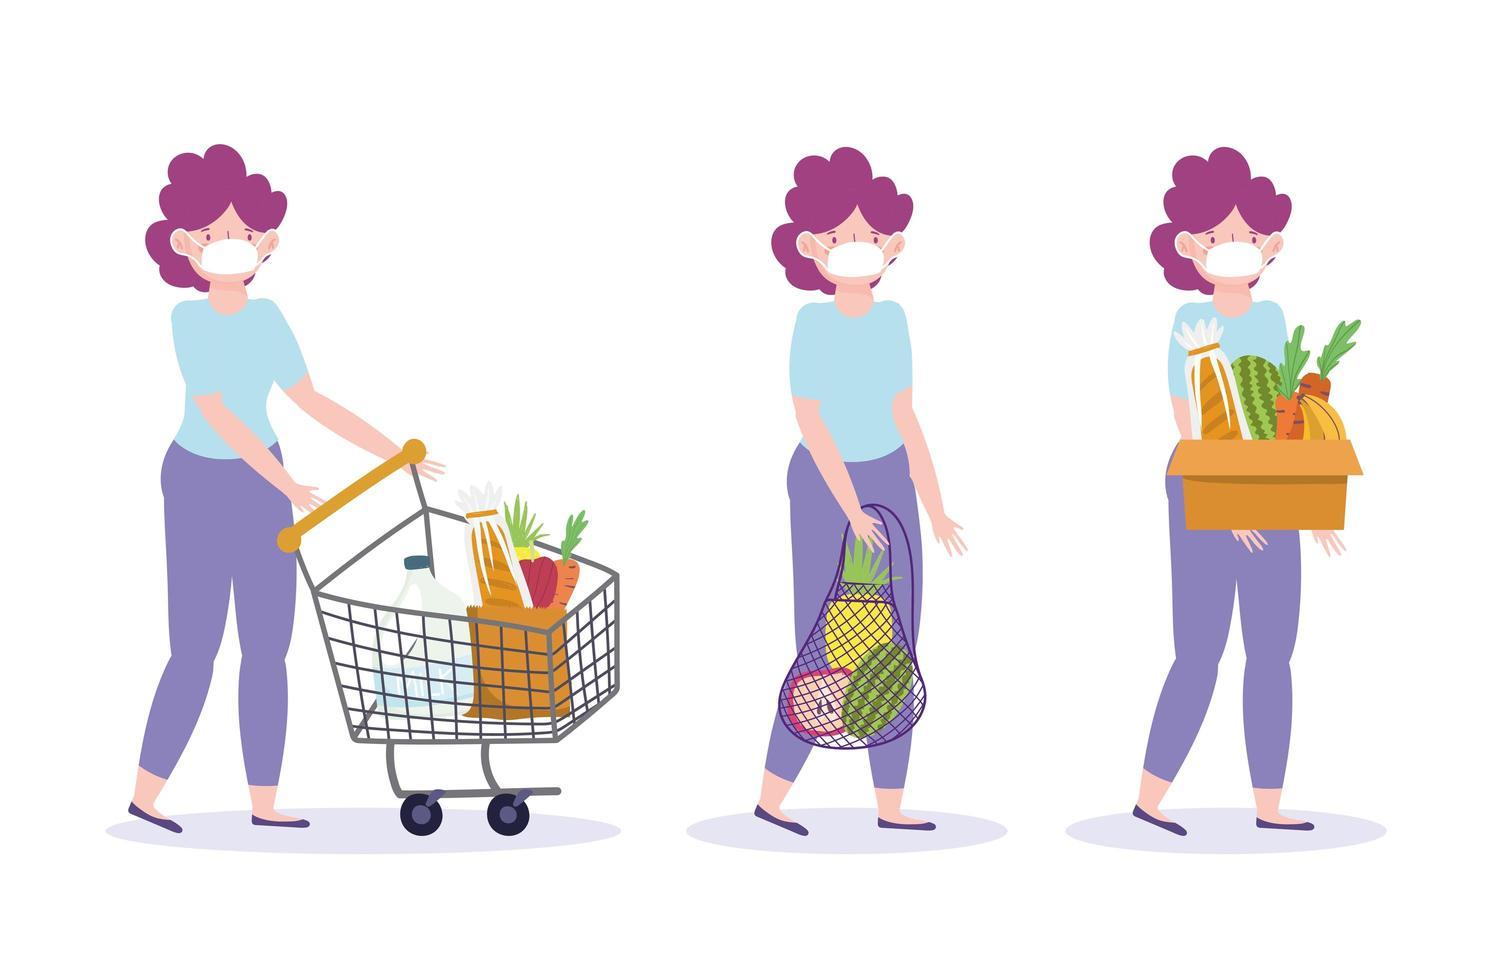 vrouw met een gezichtsmasker winkelen pictogramserie vector